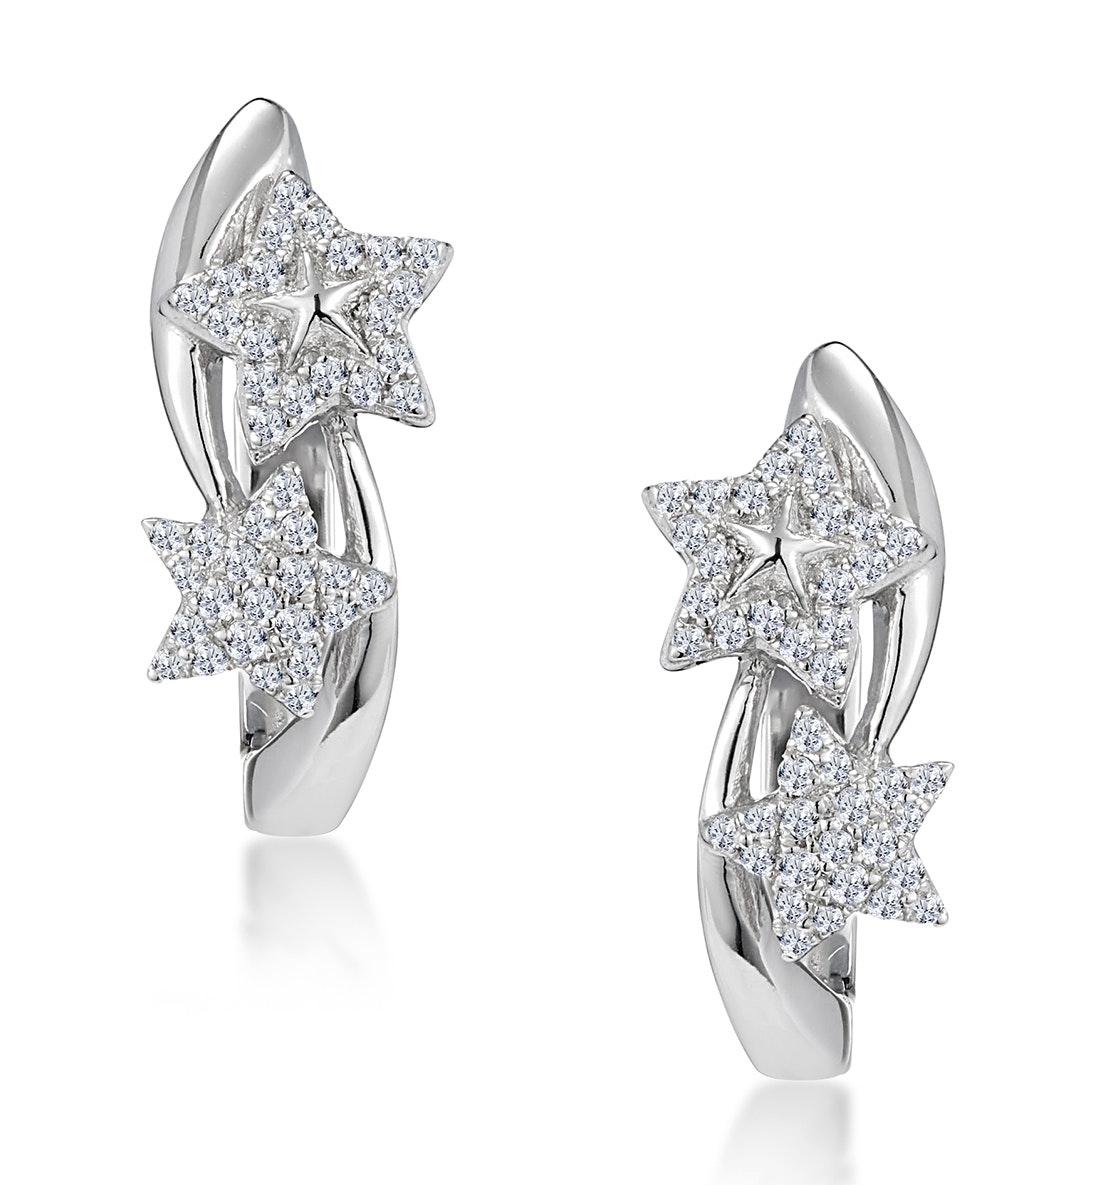 Stellato Twin Stars Diamond Earrings in 9K White Gold